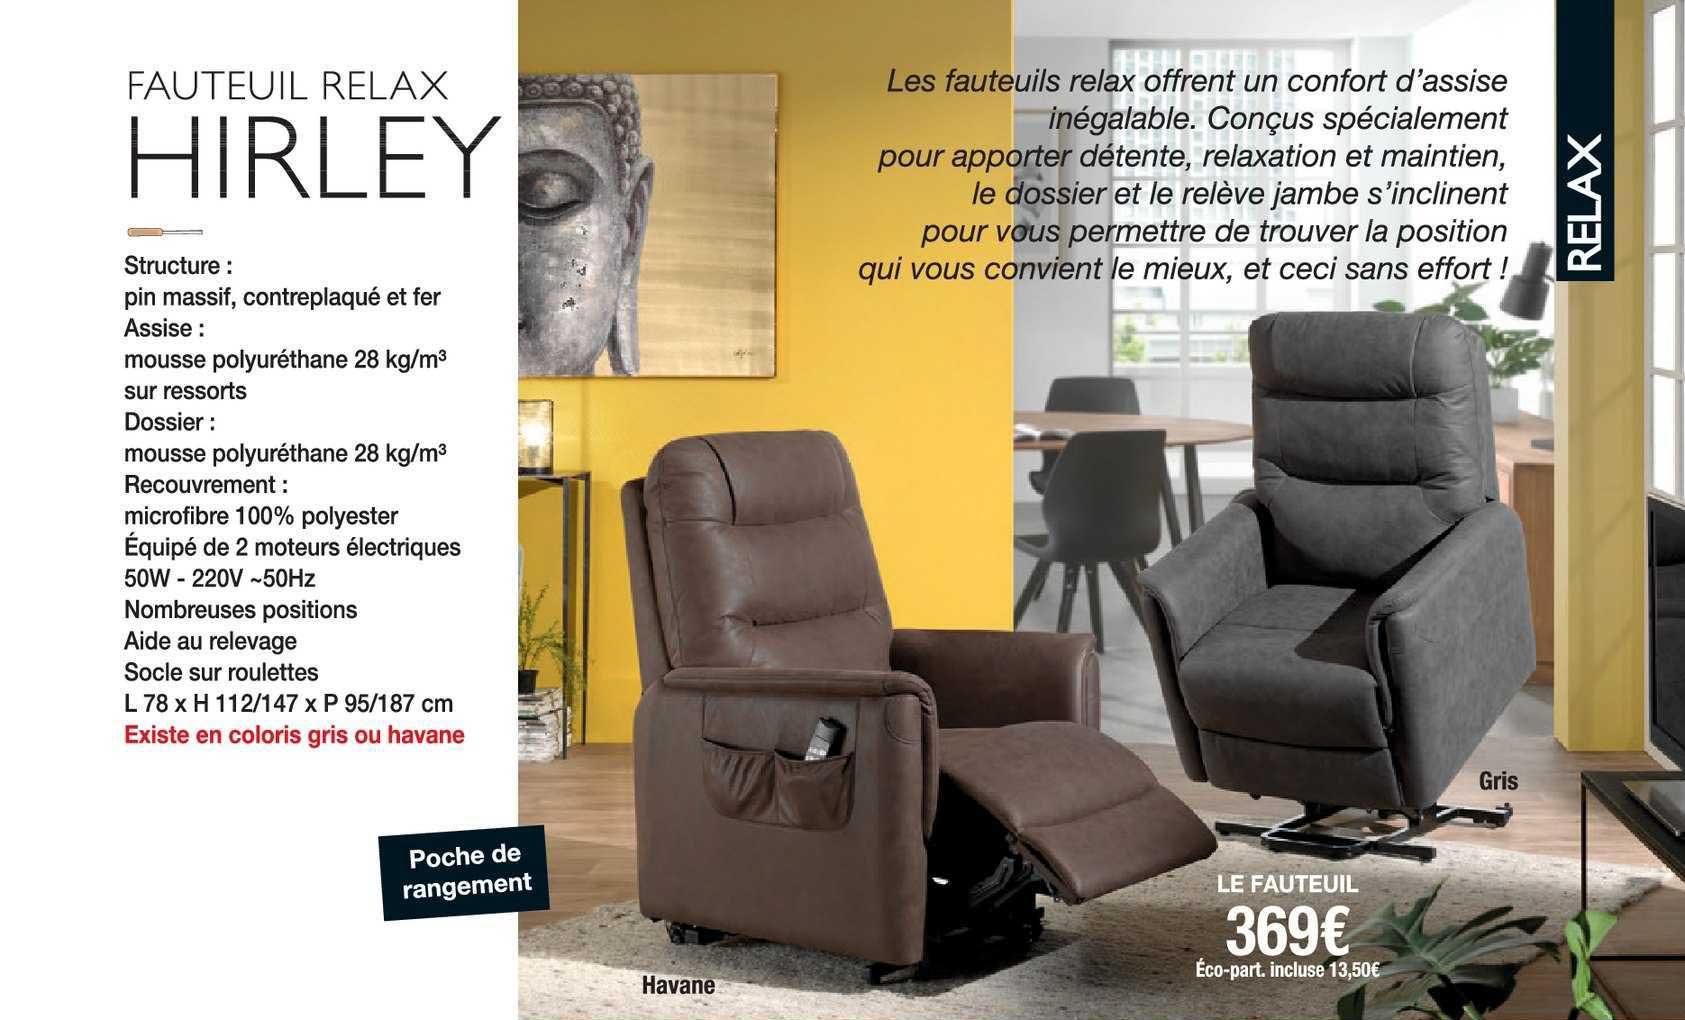 Offre Fauteuil Relax À Commande Manuelle Chez E Leclerc concernant Fauteuil Relax Foley